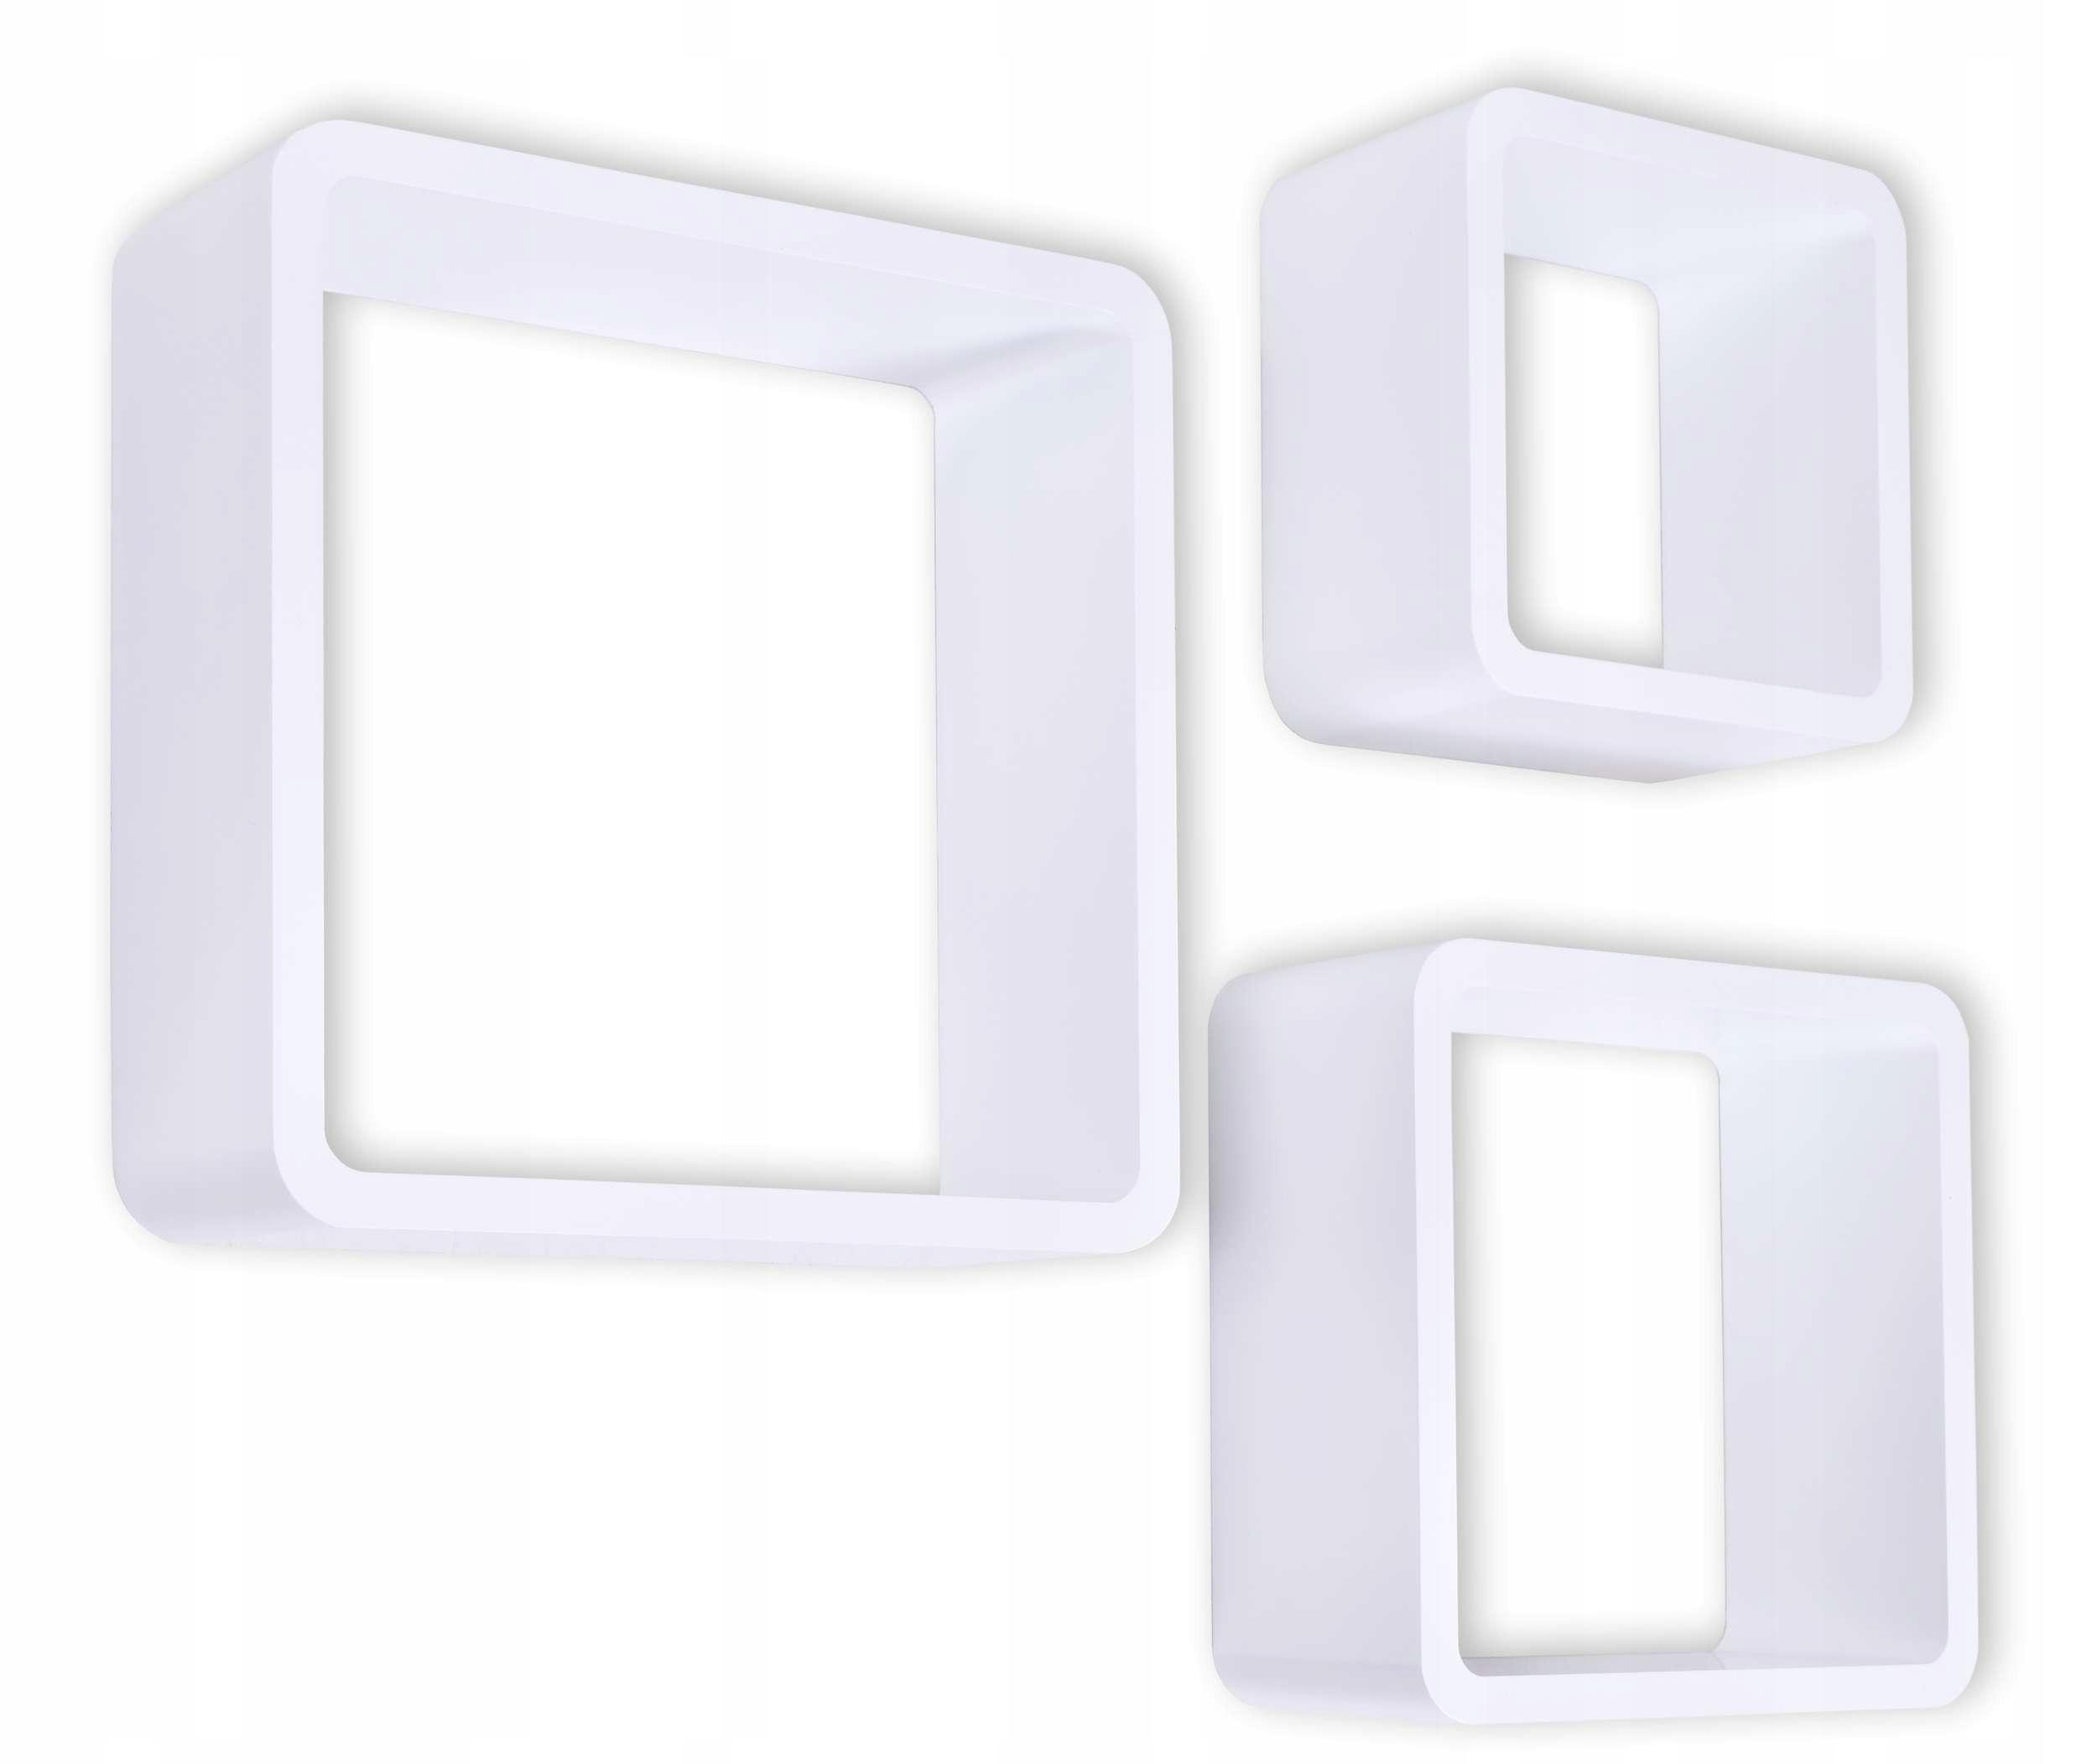 Półki Wiszące Cube Zestaw 3 Szt Białe Tohurtpl